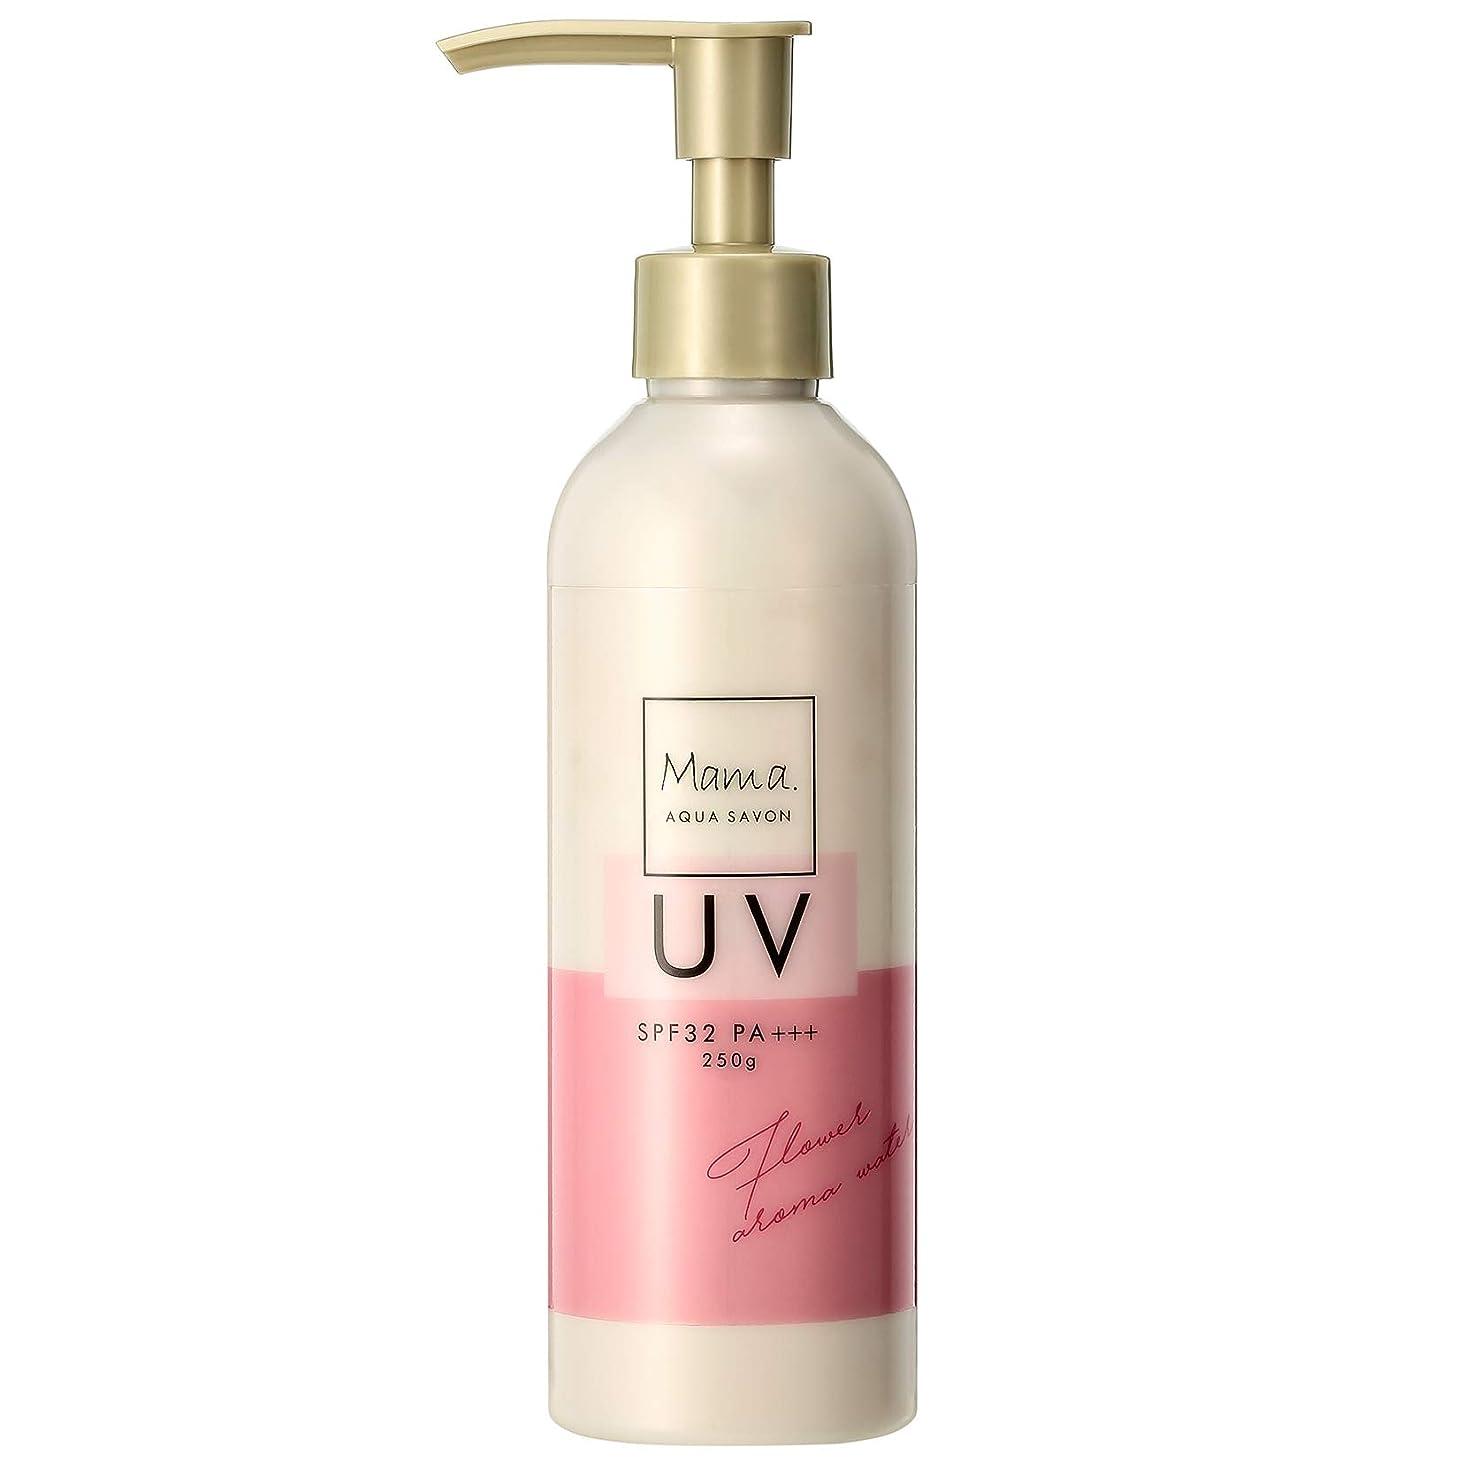 時間遠征店主ママアクアシャボン UVモイストジェル フラワーアロマウォーターの香り 19S 250g